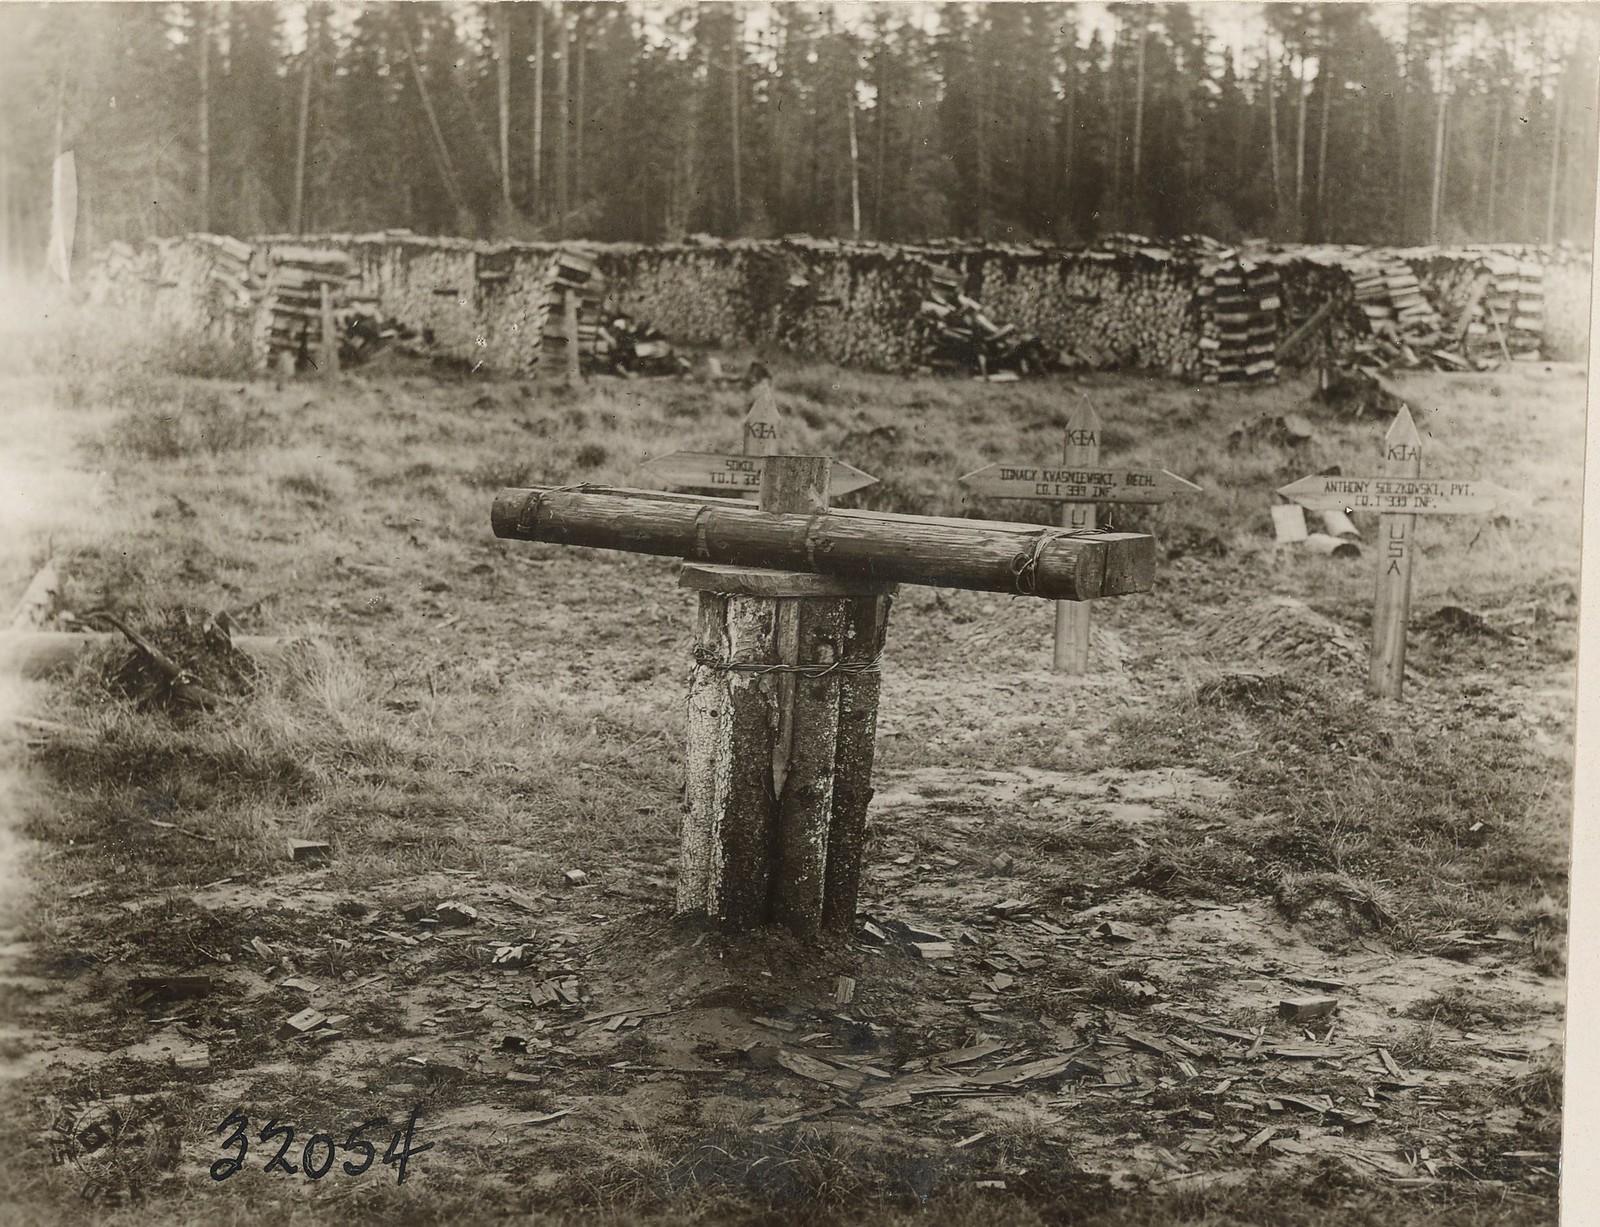 Обозерская. Захваченное деревянное орудие большевиков